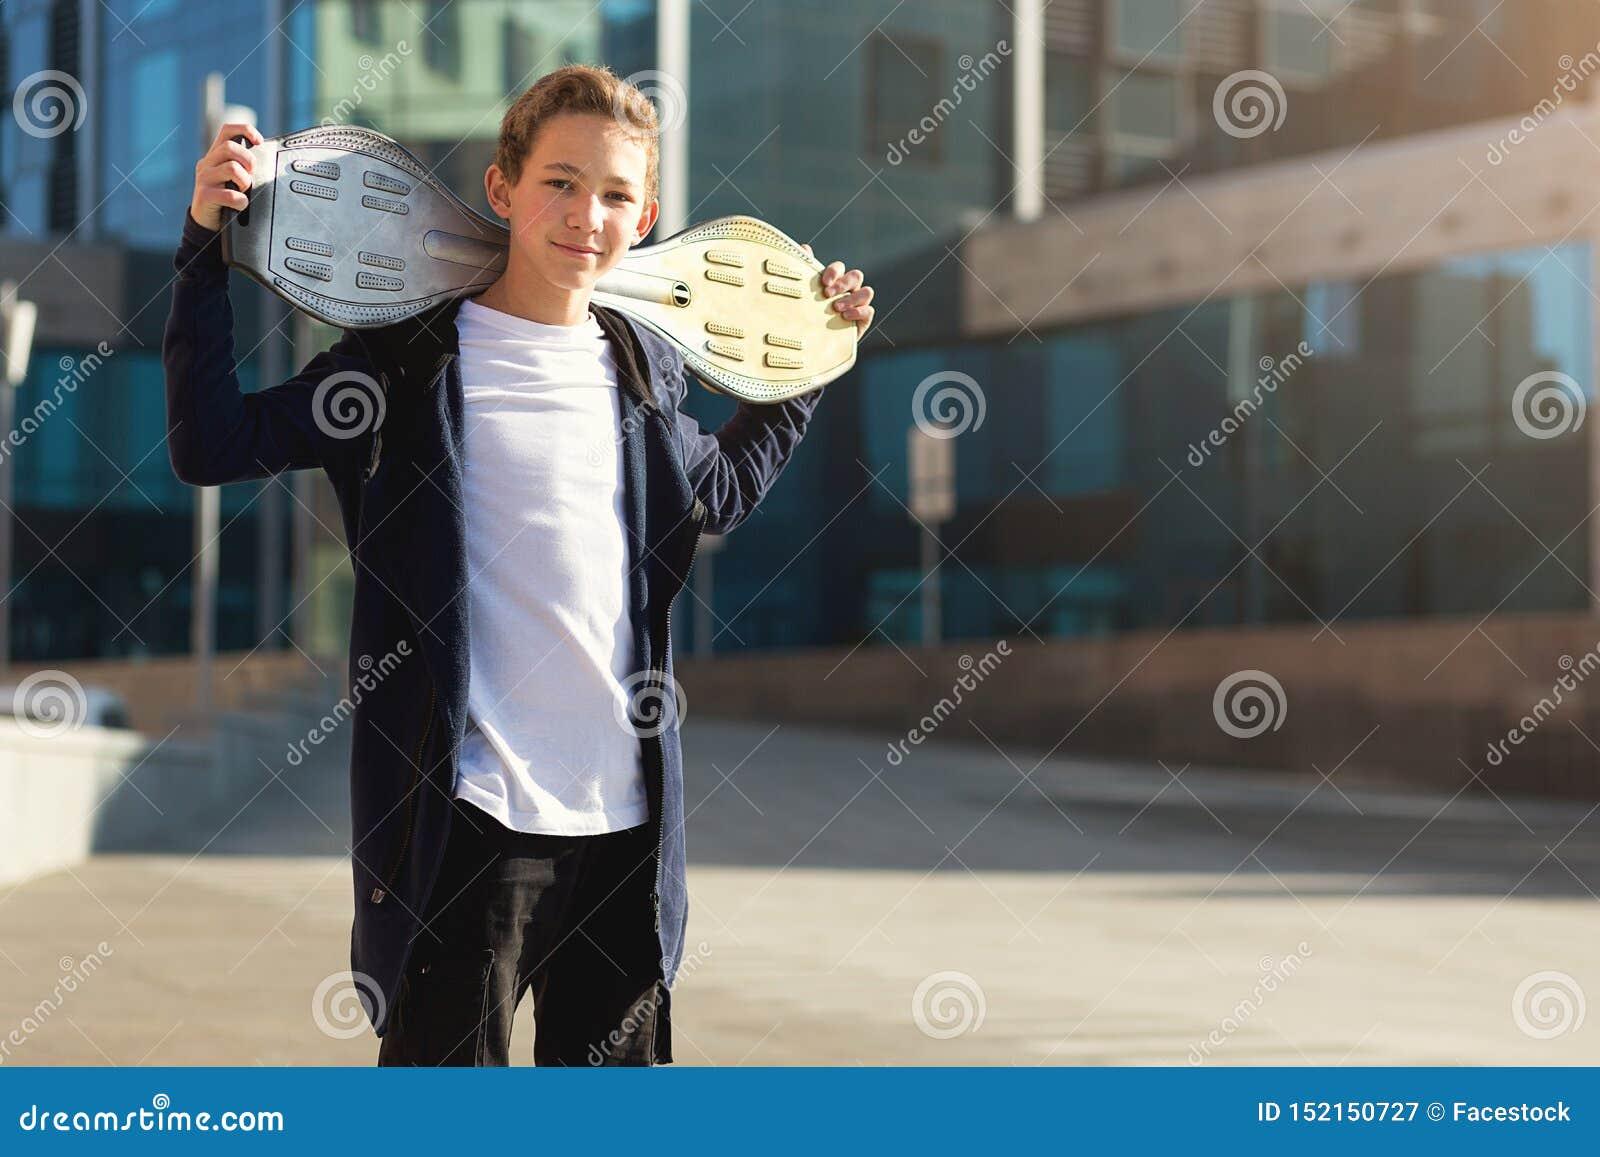 Teenagerholdingskateboard draußen, stehend auf der Straße und betrachten Kamera Kopieren Sie Platz